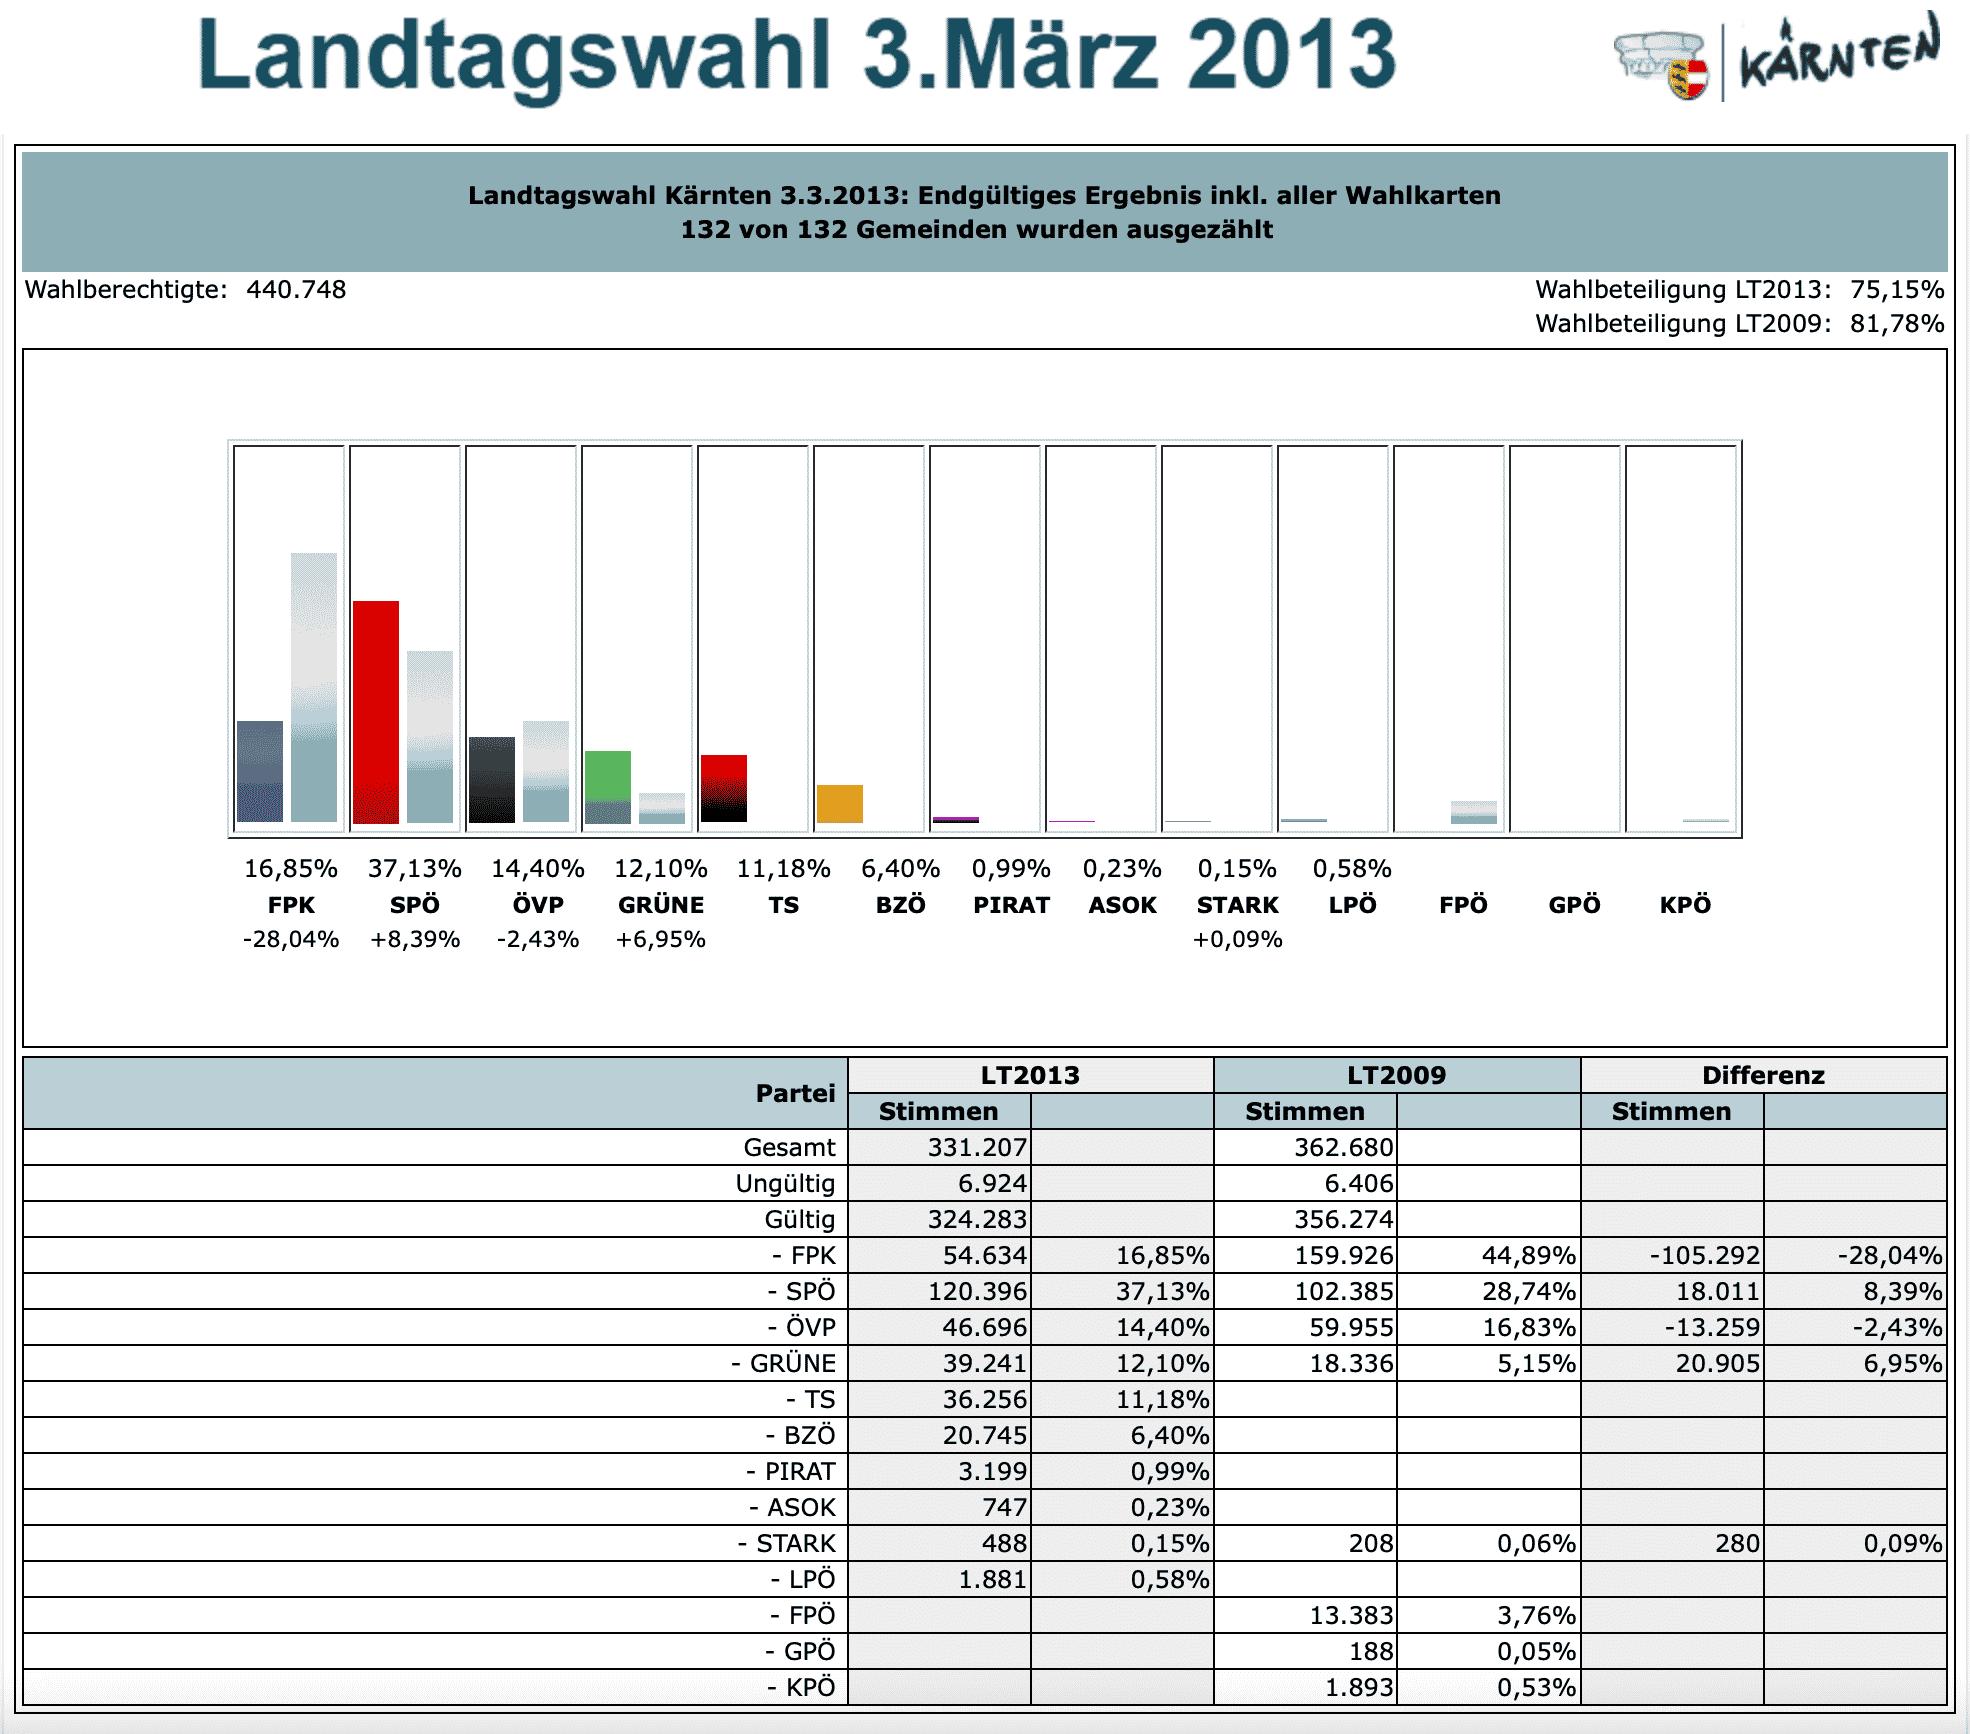 Landtagswahl 2013 in Kärnten